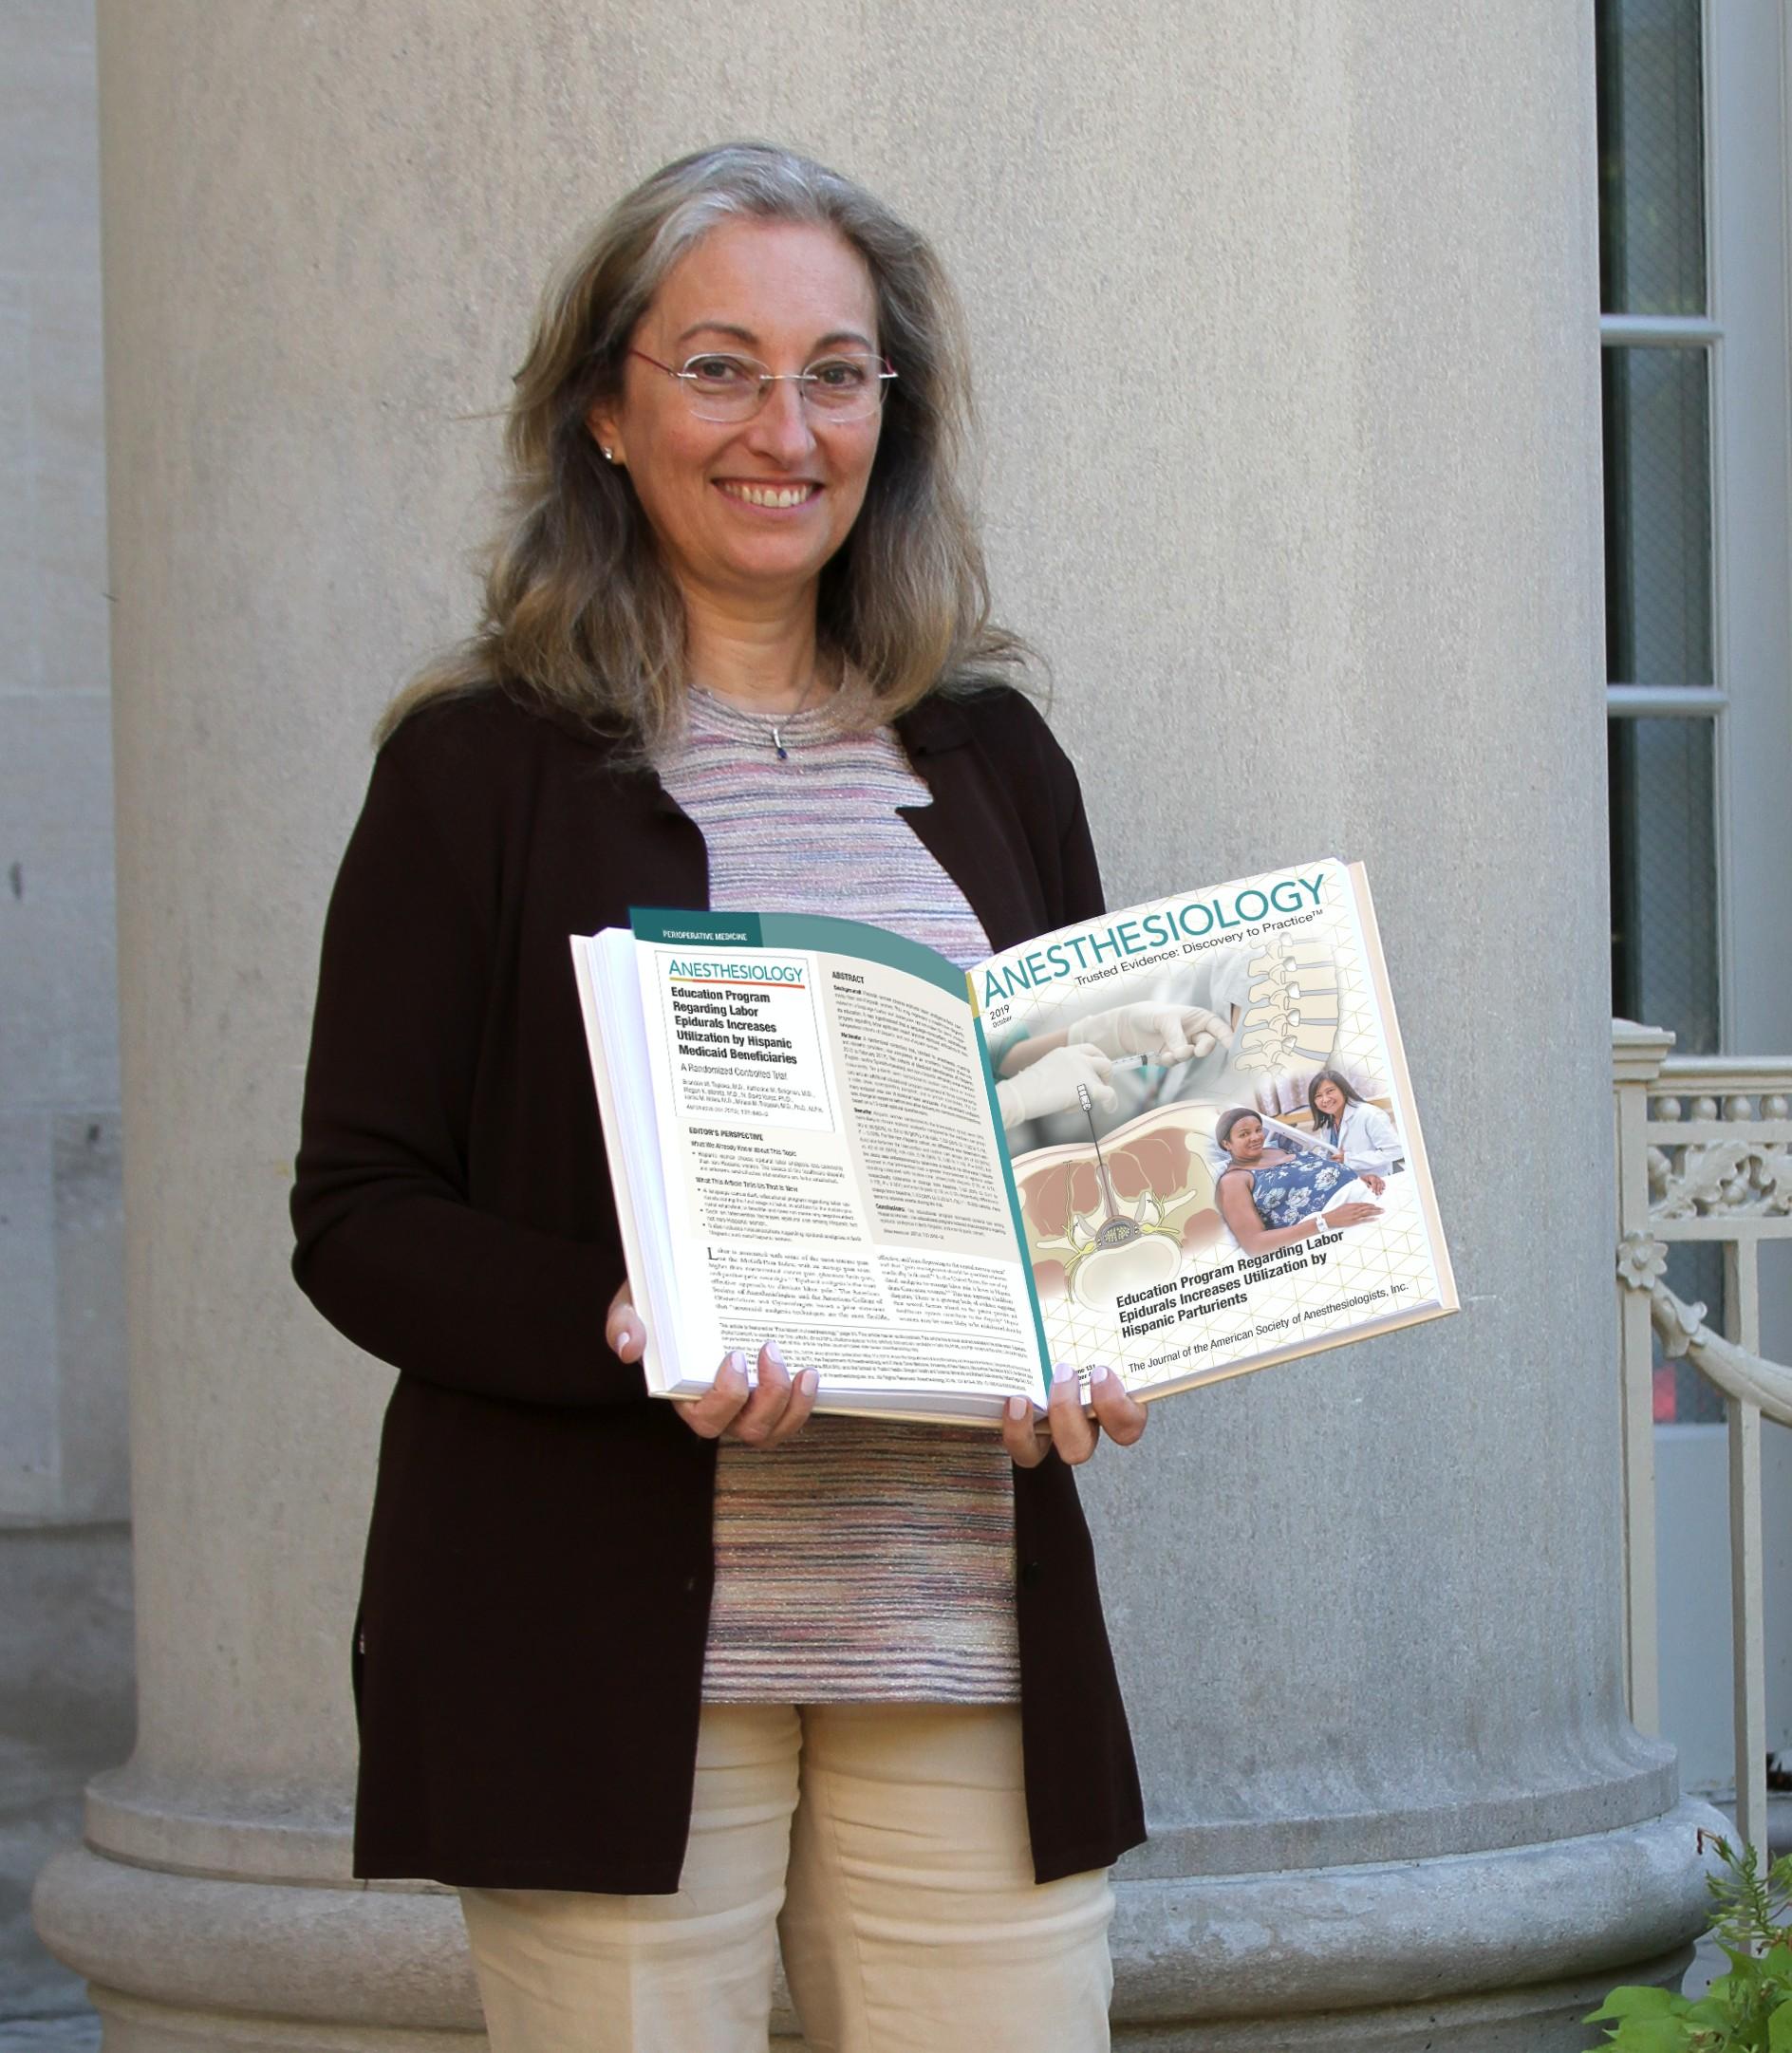 Miriam Treggiari MD, PhD